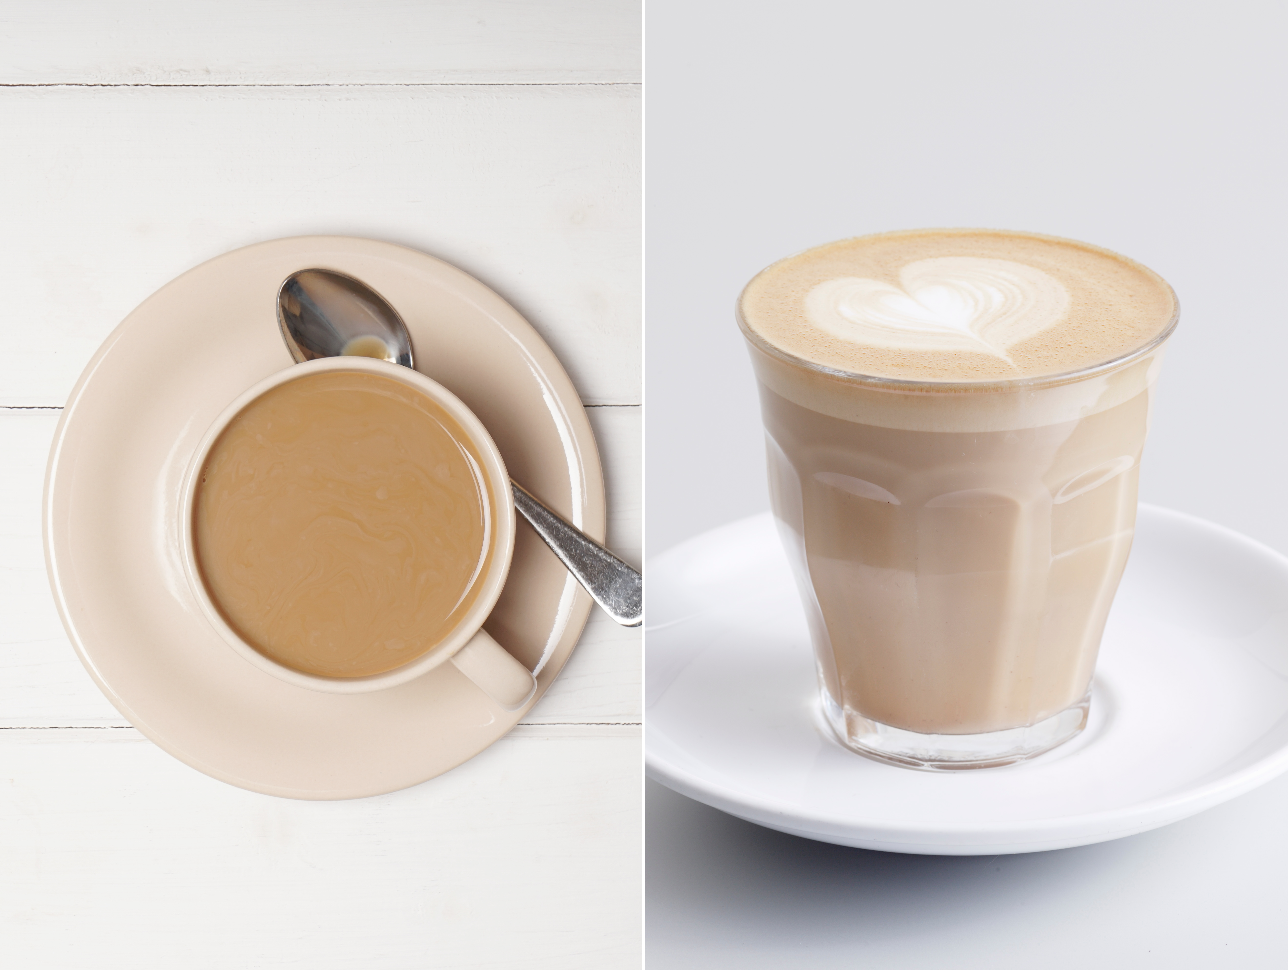 Cafe au Lait vs Latte Getty 10/15/19